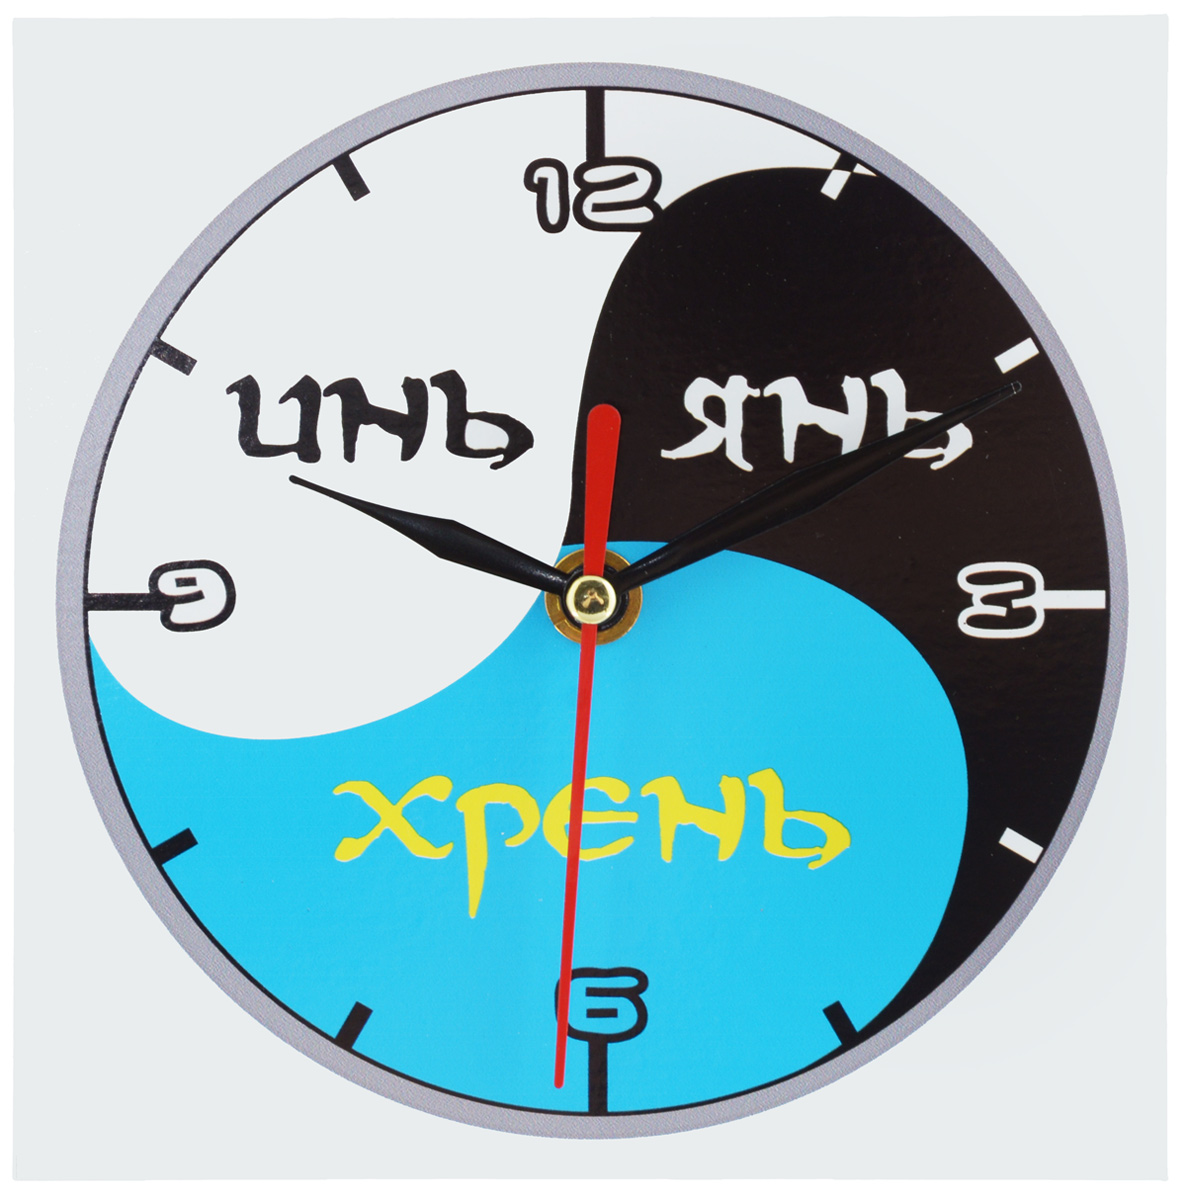 Часы настольные Эврика Инь Янь Хрень, 14 х 14 см95843Часы настольные Эврика Инь Янь Хрень изготовлены из МДФ с ламинированием и пластика. Изделие имеет оригинальный циферблат с надписями: Инь Янь Хрень. Механизм хода часов бесшумный и плавный. Сзади расположен специальный упор, благодаря которому часы можно поставить на стол. Часы также можно повесить на стену с помощью специального металлического отверстия. Такие яркие необычные часы станут украшением вашего рабочего стола и подчеркнут ваш стиль. Отличный подарок друзьям и близким, который обязательно вызовет улыбку и радость. Часы работают от одной батарейки напряжением 1,5V типа AA (в комплект не входит).